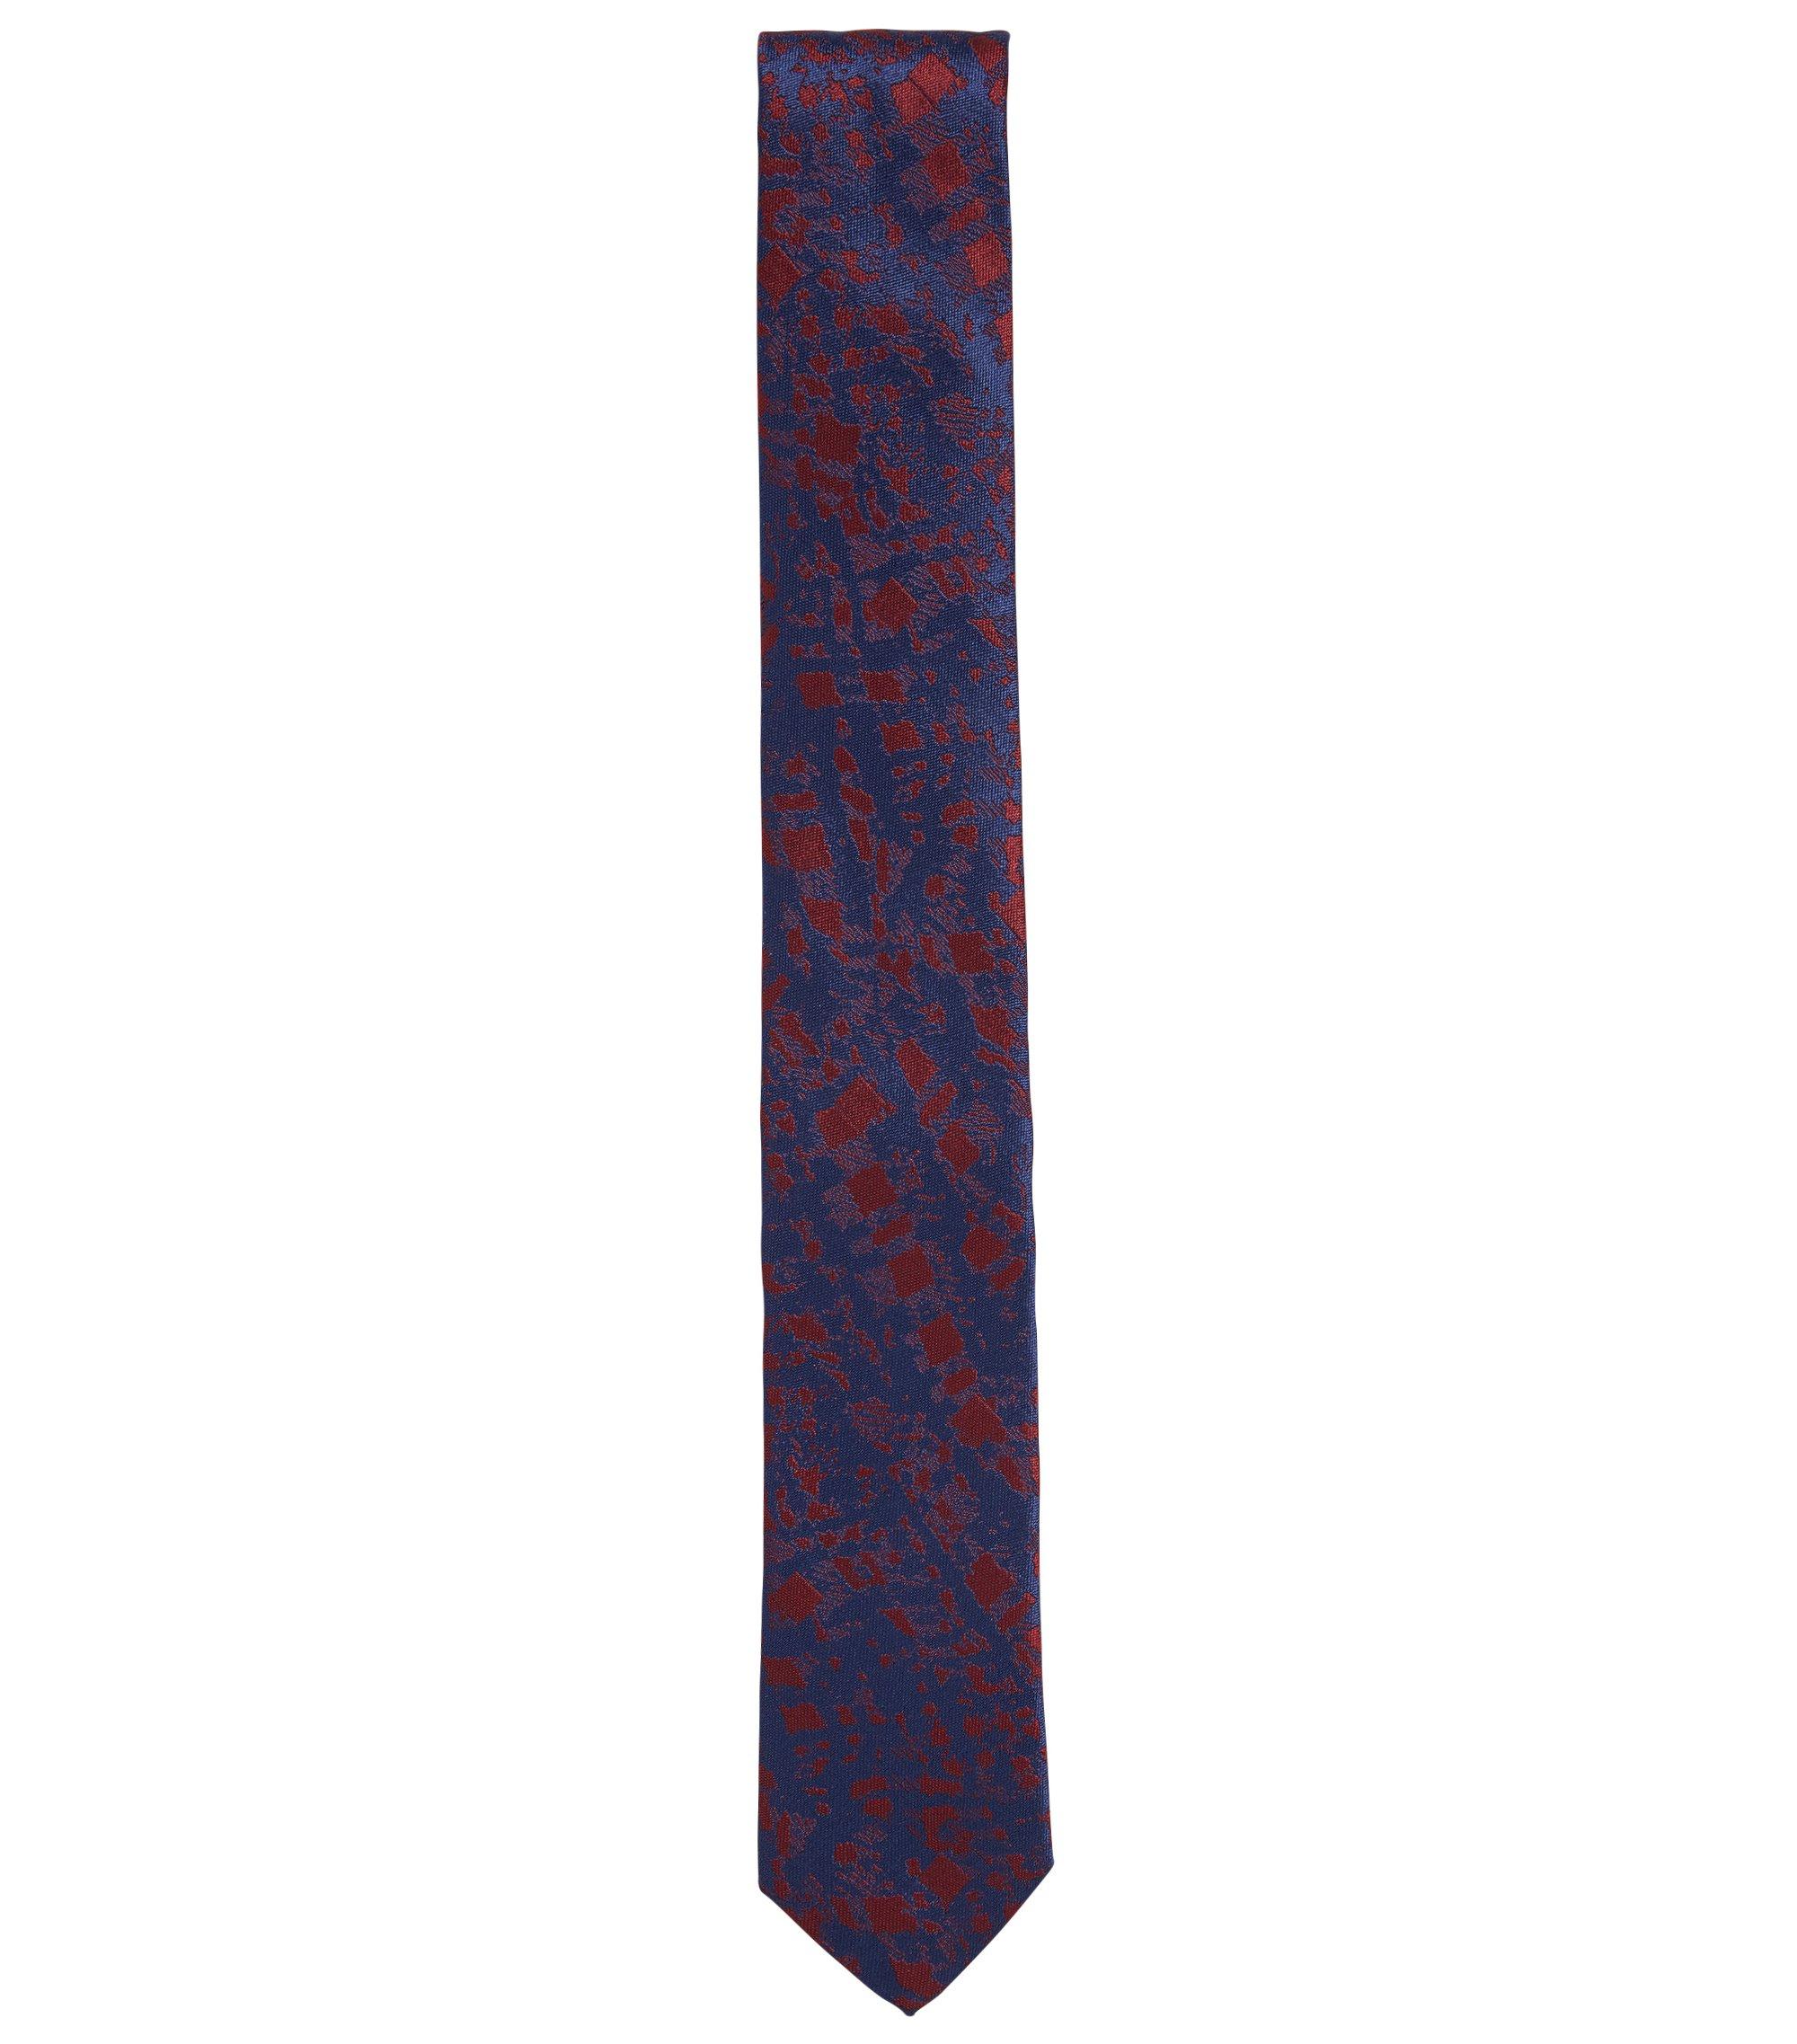 Zijden stropdas in jacquard met abstract dessin, Donkerrood